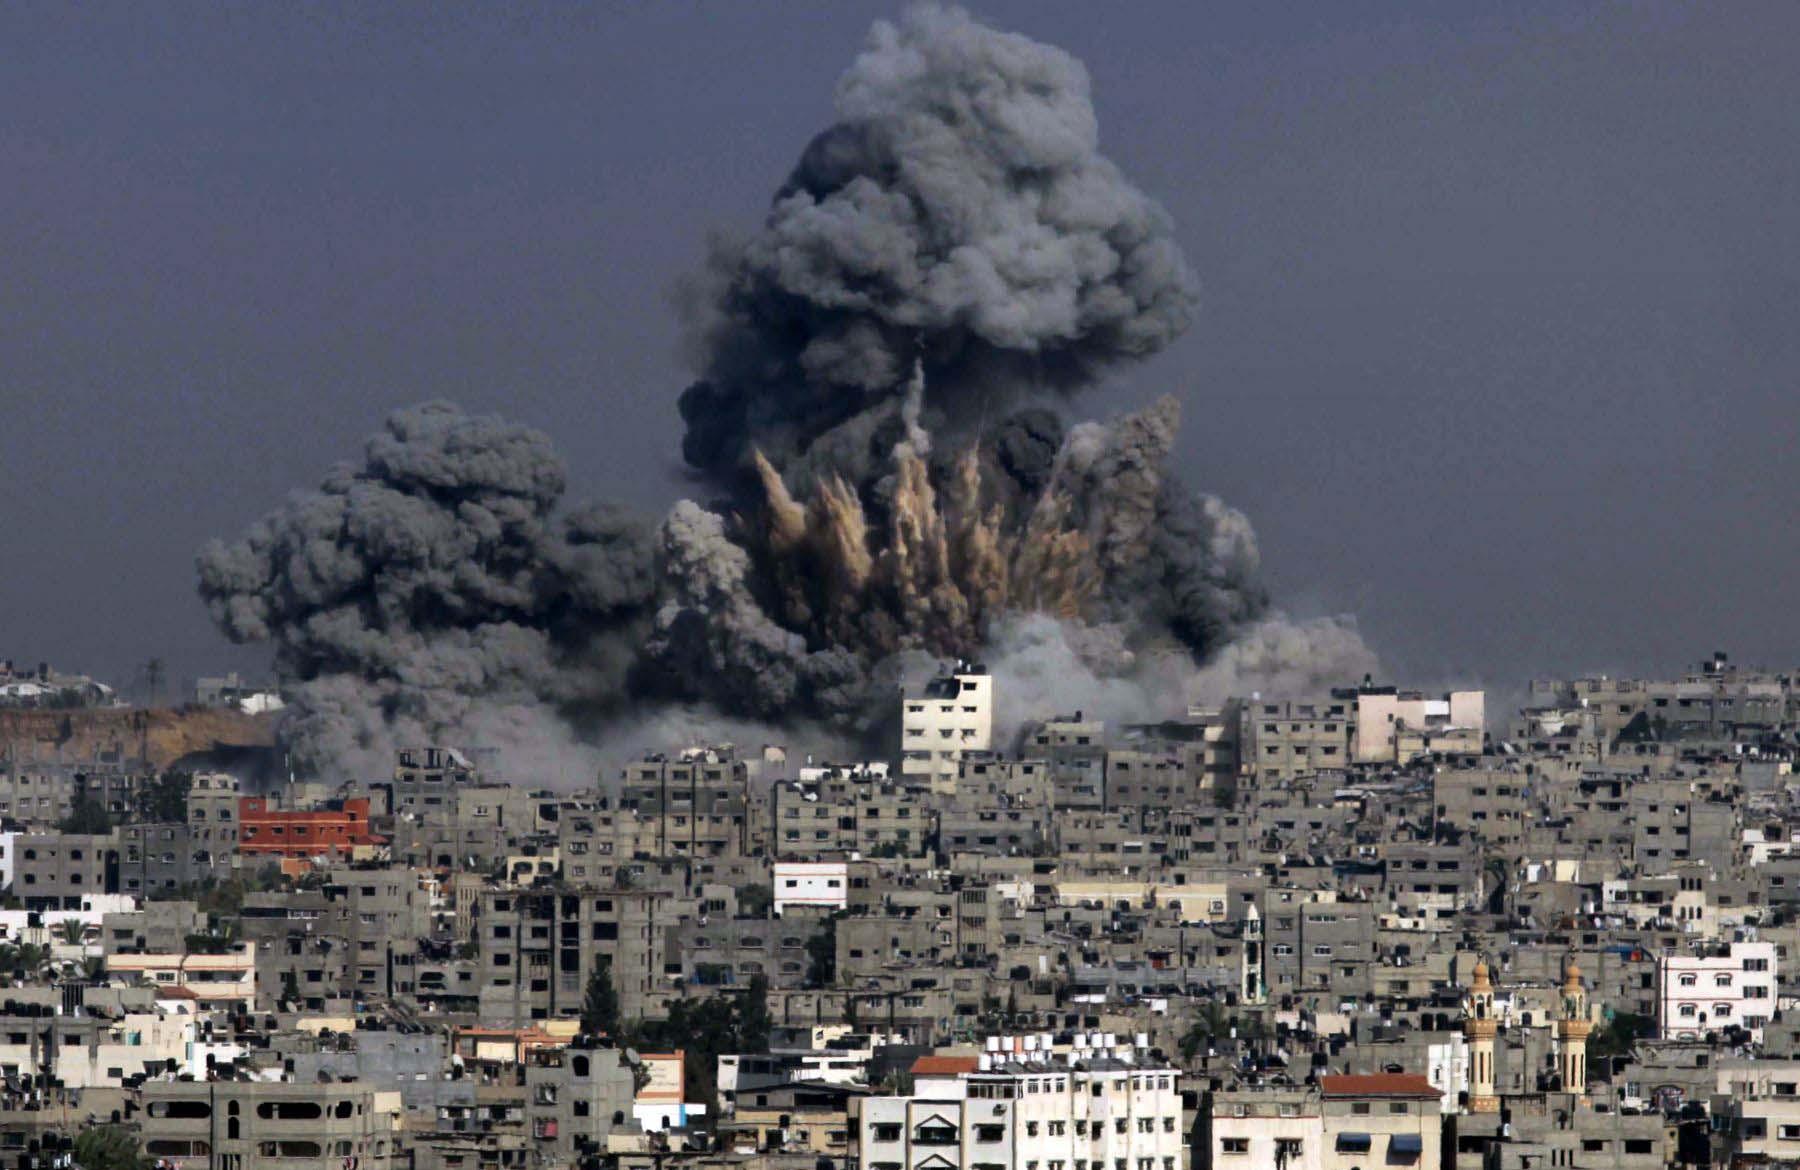 En los últimos días se intensificaron los ataques a Guta Oriental, región ocupada por insurgentes